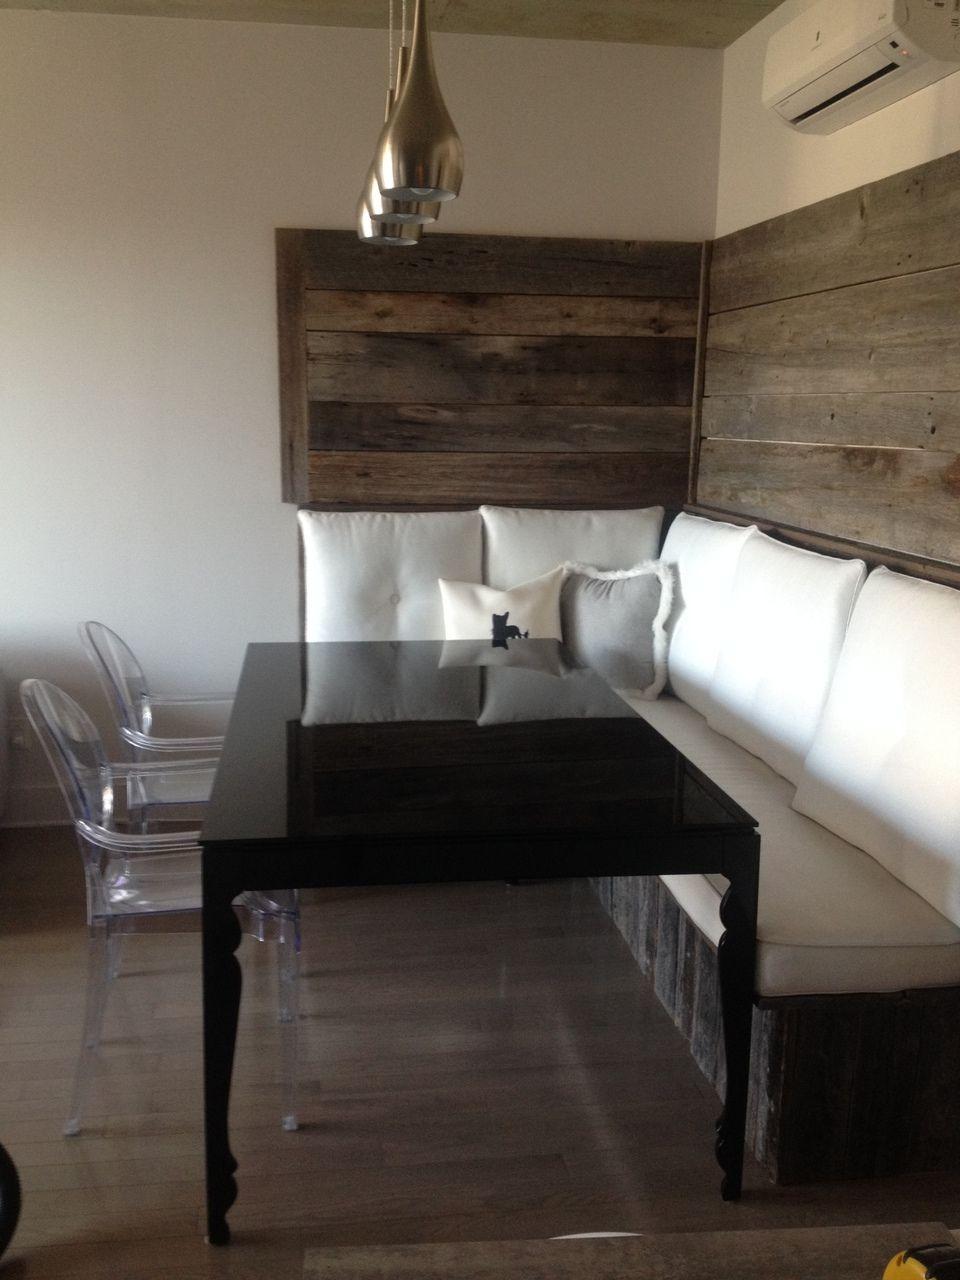 Homenova For Sale 309 1869 Rue Basin Montreal Quebec H3j 0a3 278 000 Home Condos For Sale Home Decor